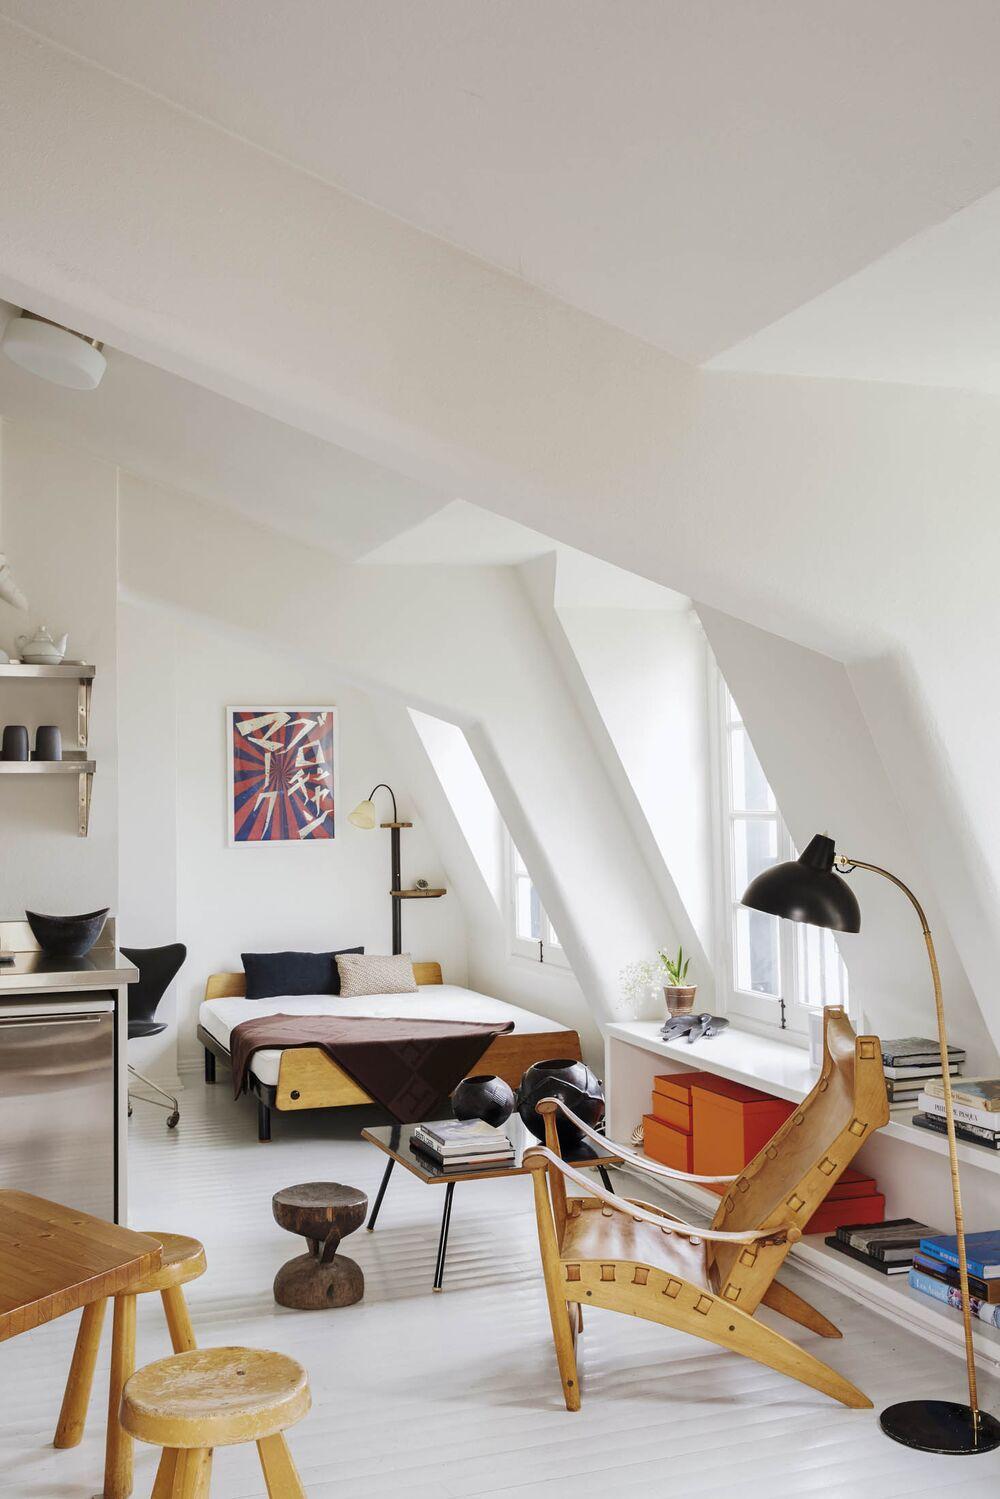 Cliff Fong's bedroom